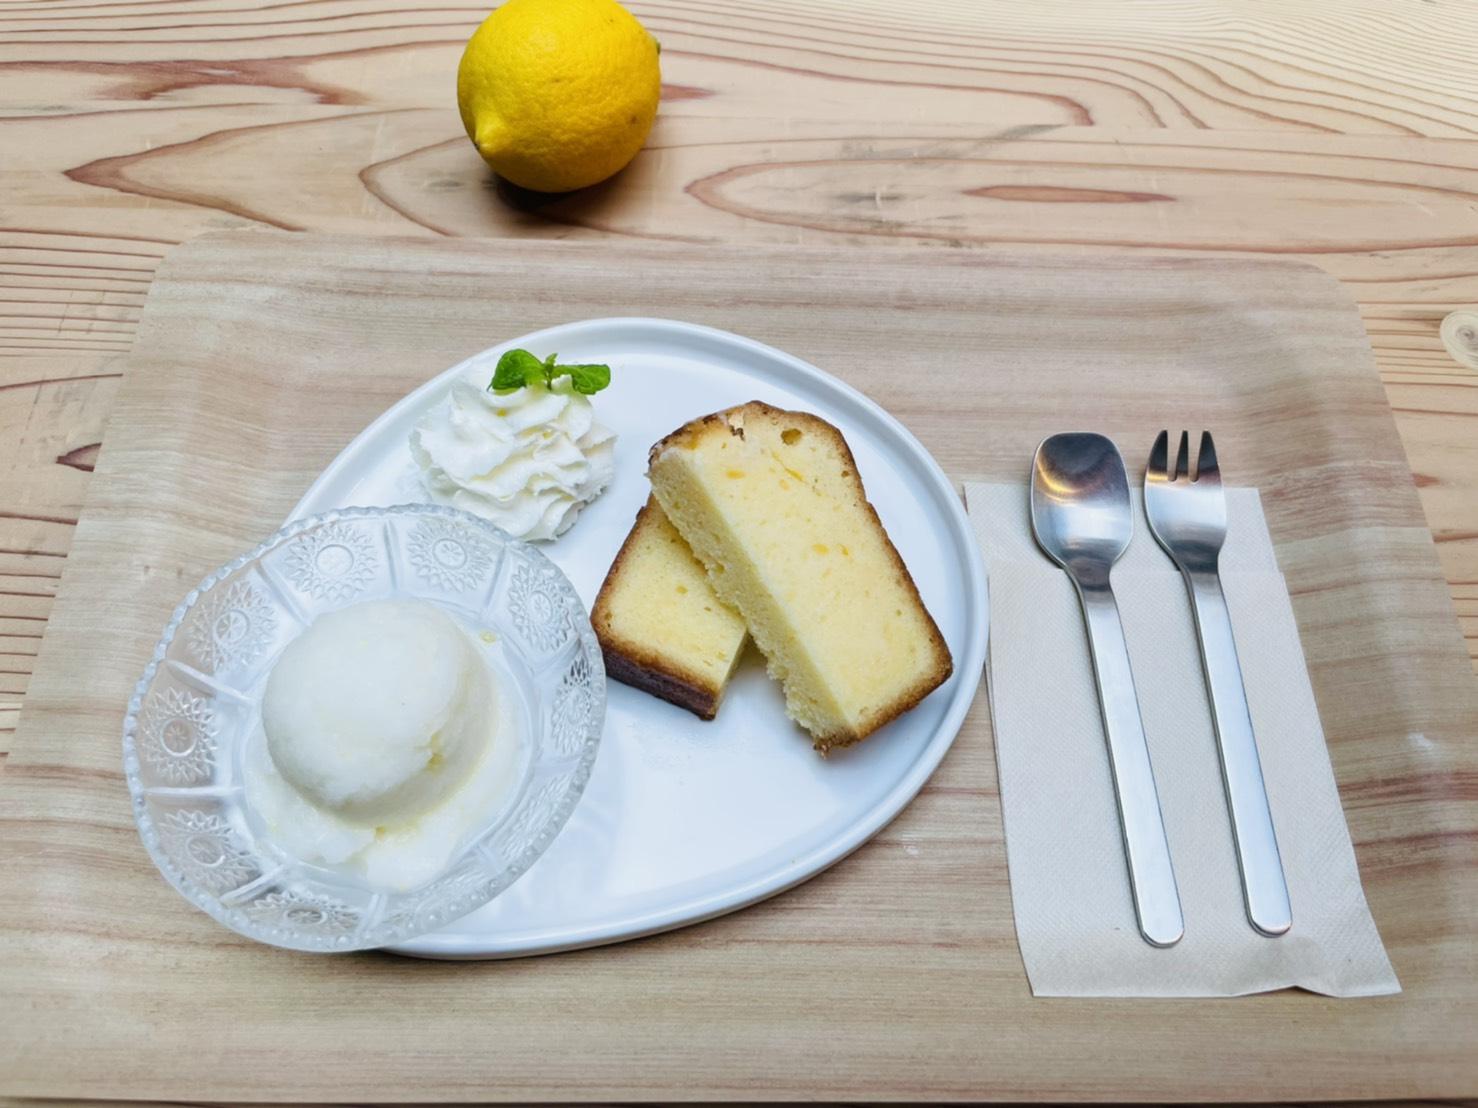 <p>明日からの期間限定新メニュー! 夏にぴったりの爽やかなプレートのご紹介です🍋 『檸檬ケーキと瀬戸内塩レモンソルベの夏プレート』 650円(税込) 瀬戸内・大三島檸檬のレモンチェッロを使った 人気の檸檬パウンドケーキと 瀬戸内塩レモンをアクセントにした シャリシャリ食感の自家製ソルベのセットです🍨 さっぱり爽やかな夏プレートに仕上がりました✨ 7月24日 […]</p>